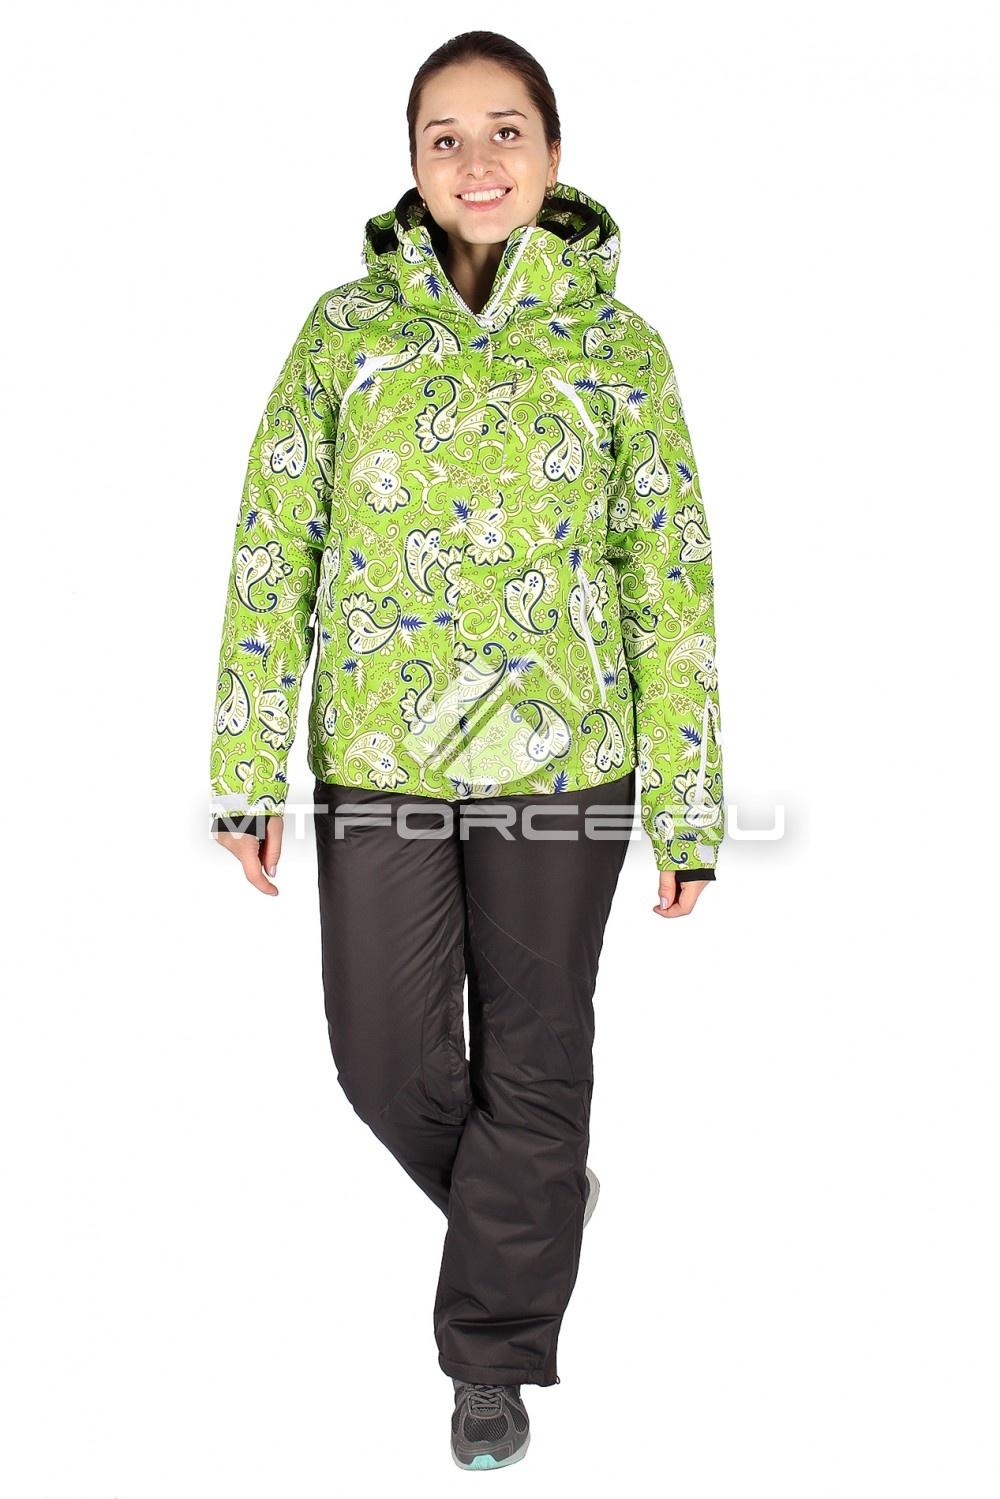 Купить                                  оптом Костюм горнолыжный женский зеленого цвета 01433Z